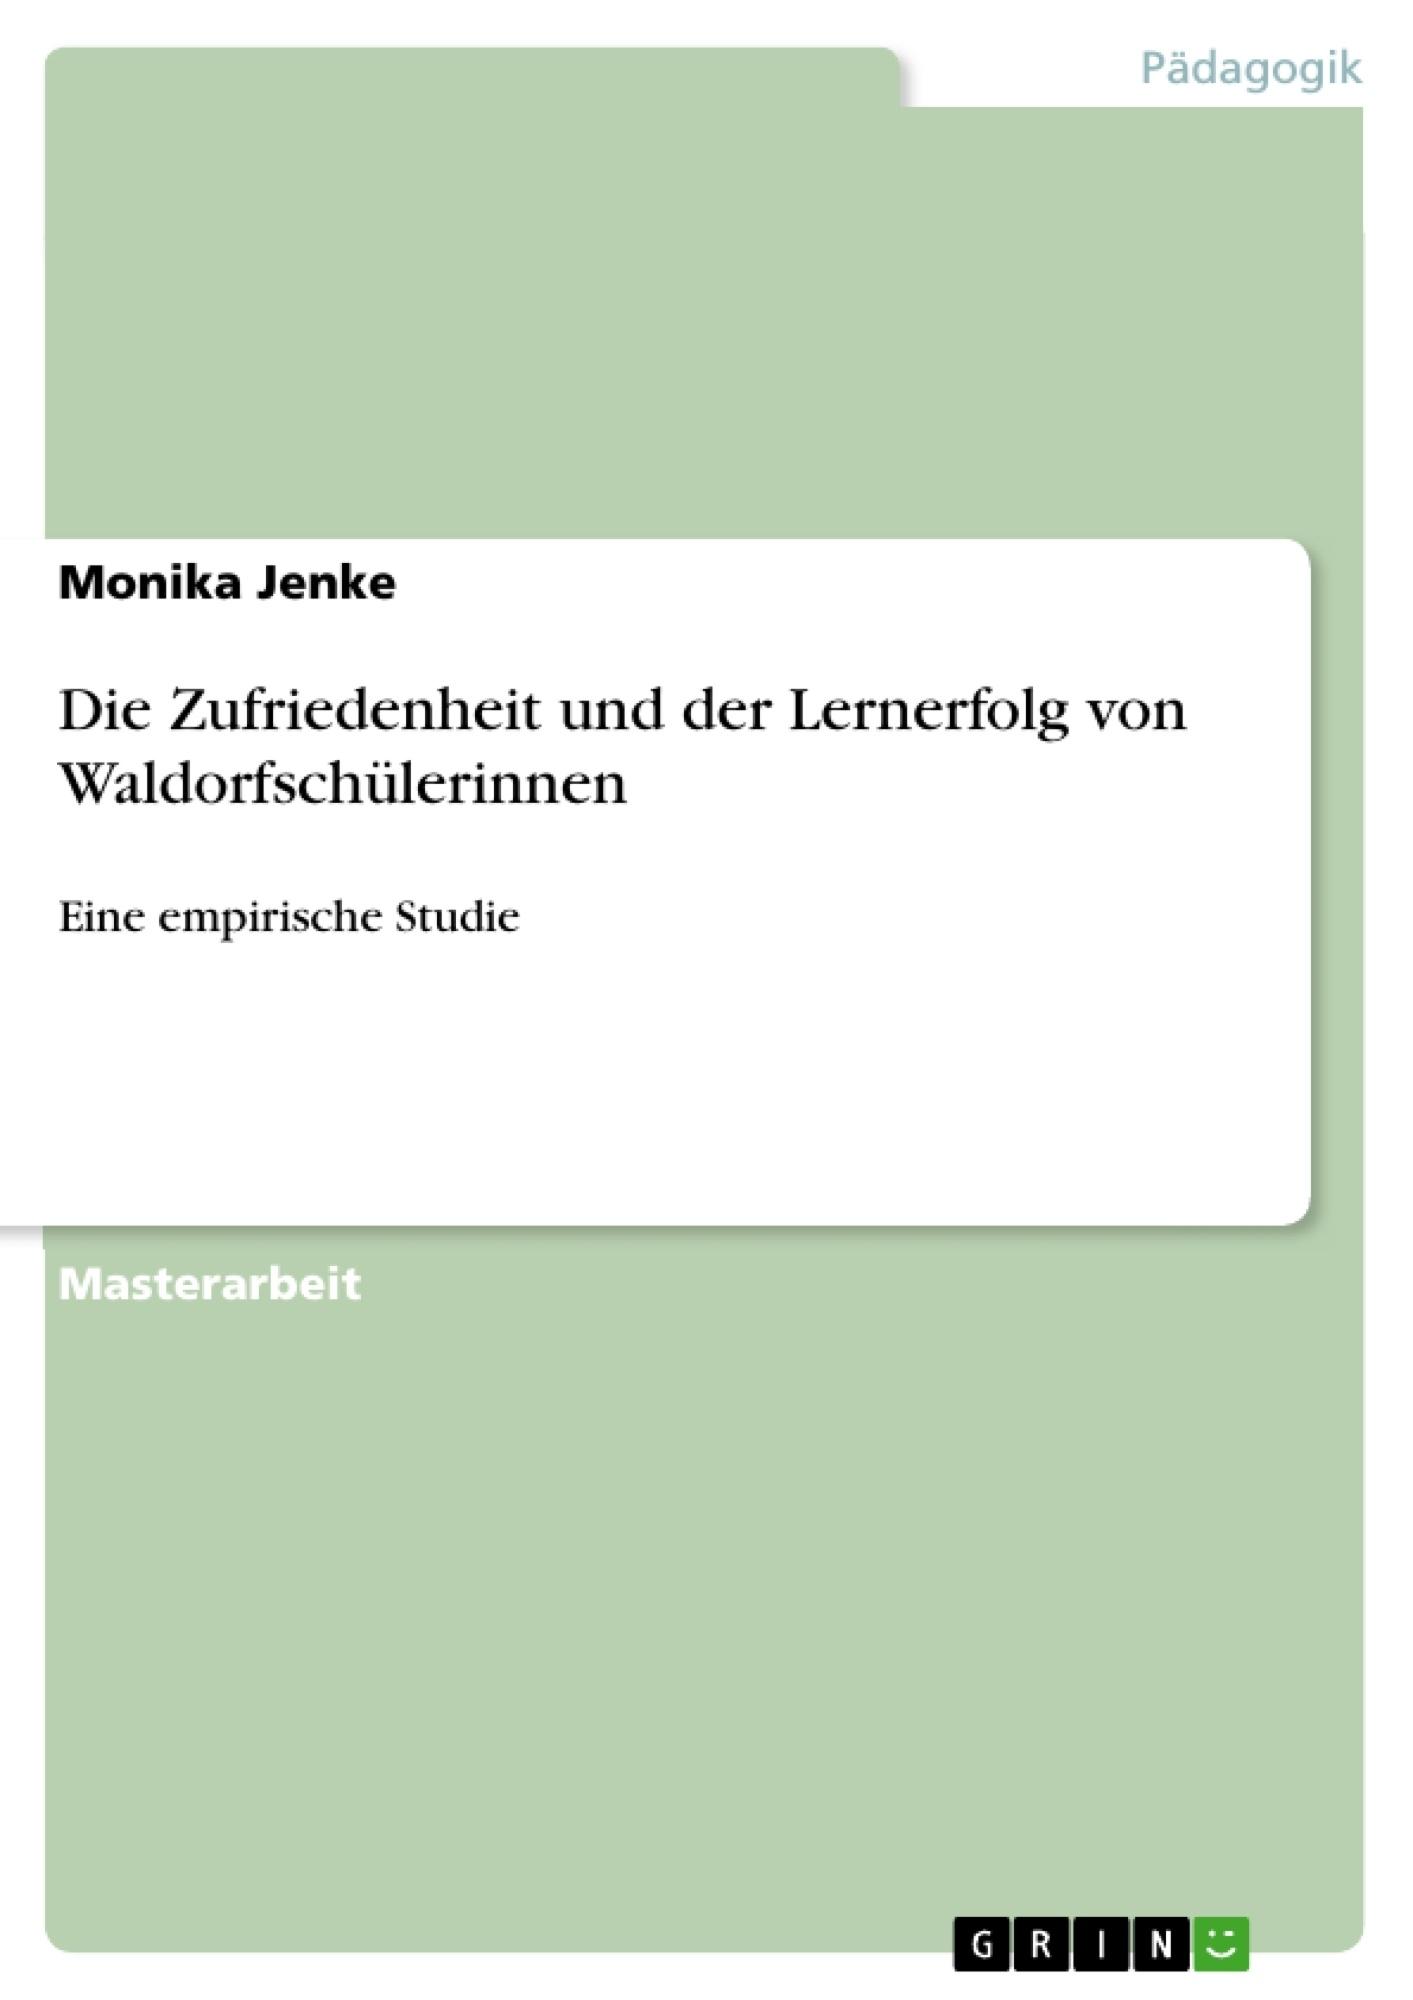 Titel: Die Zufriedenheit und der Lernerfolg von Waldorfschülerinnen